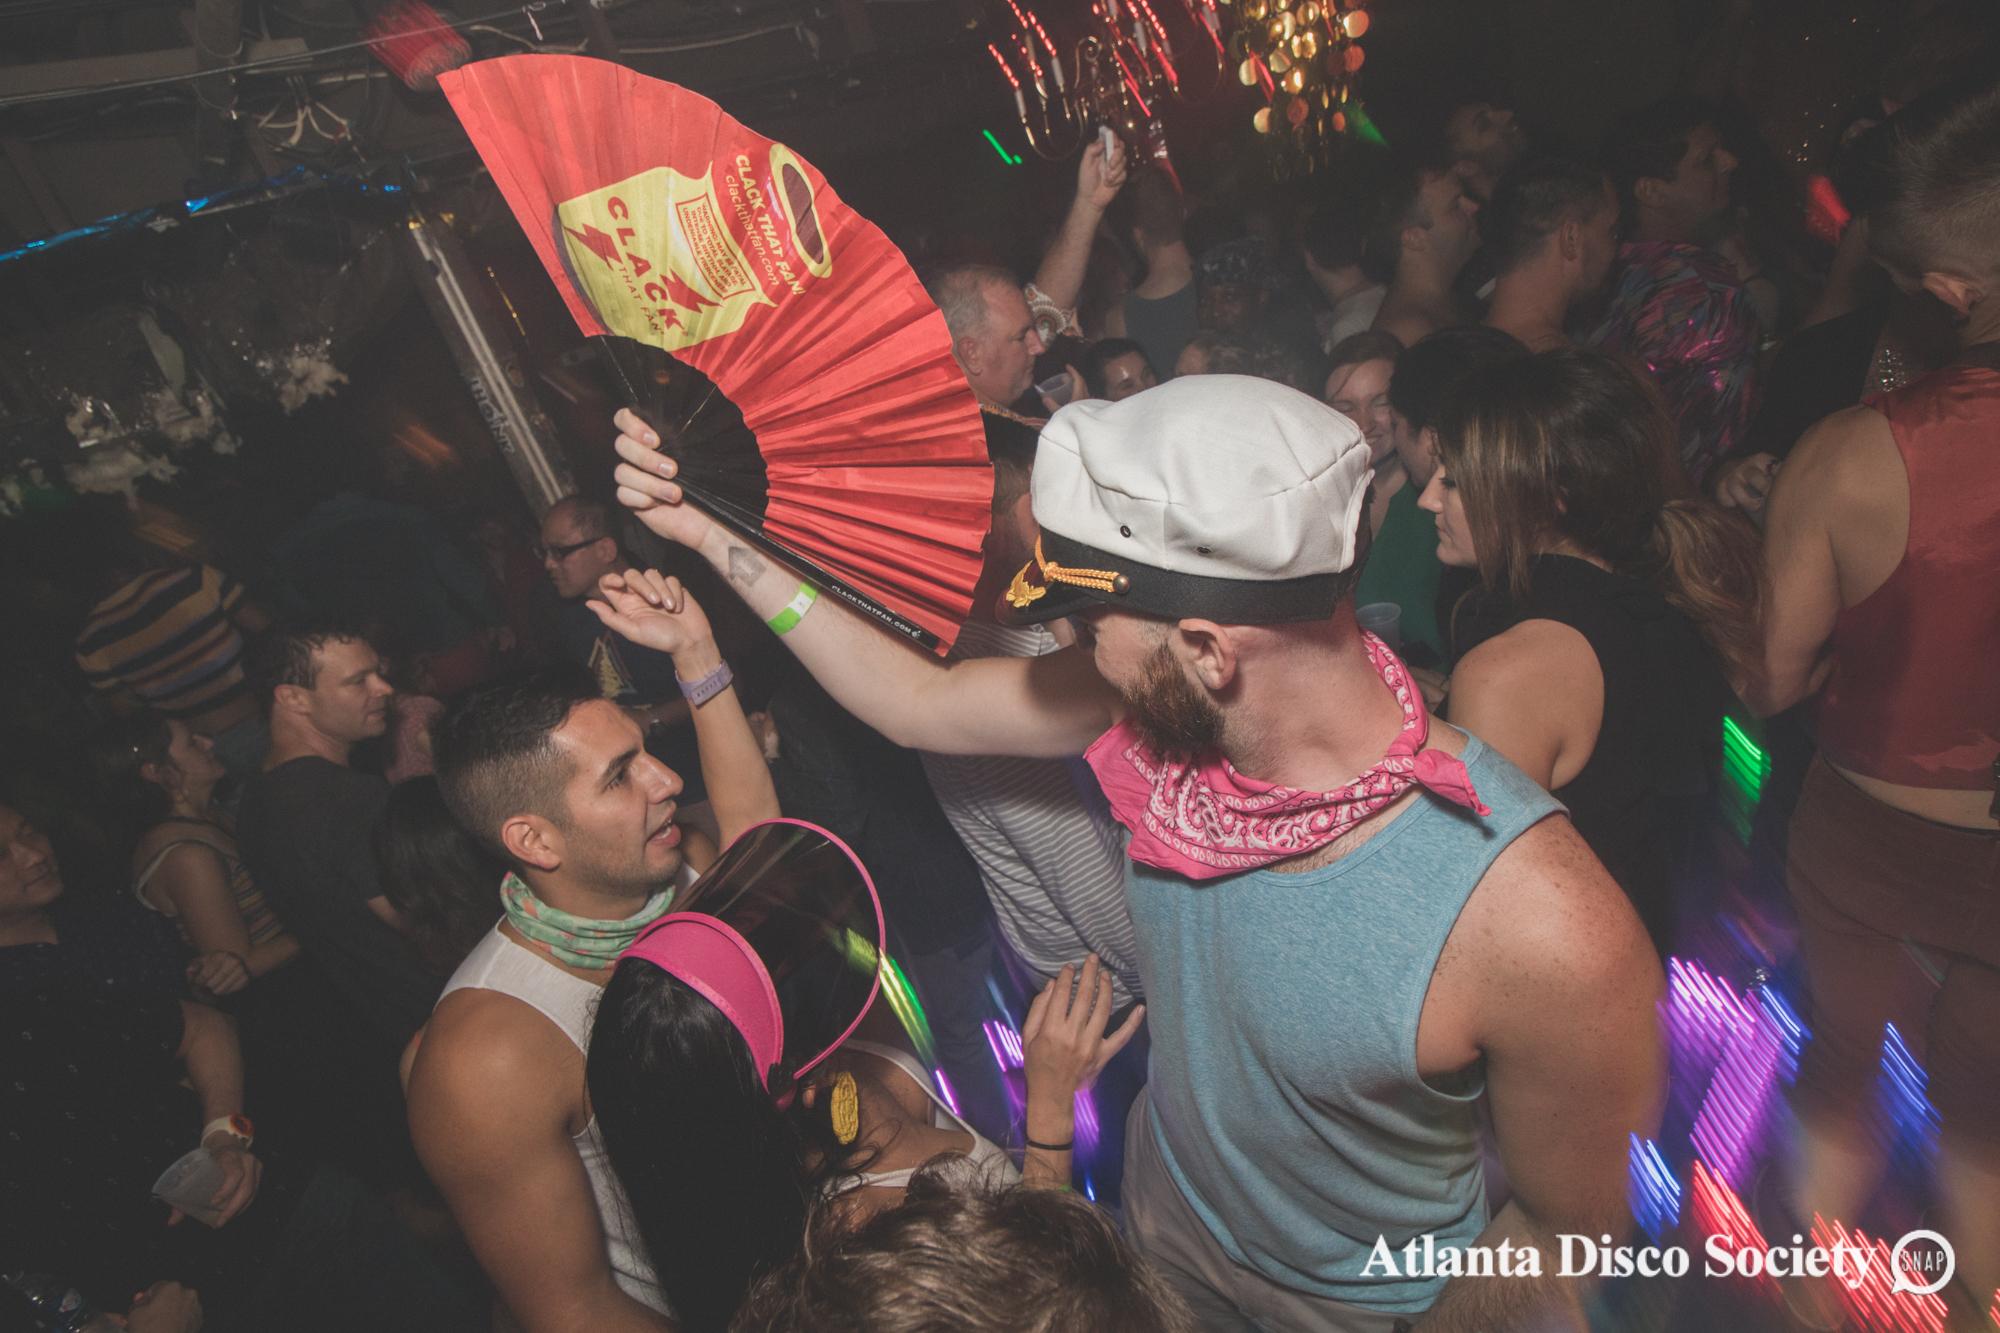 71Atlanta Disco Society Grace Kelly Oh Snap Kid 7.27.19.jpg